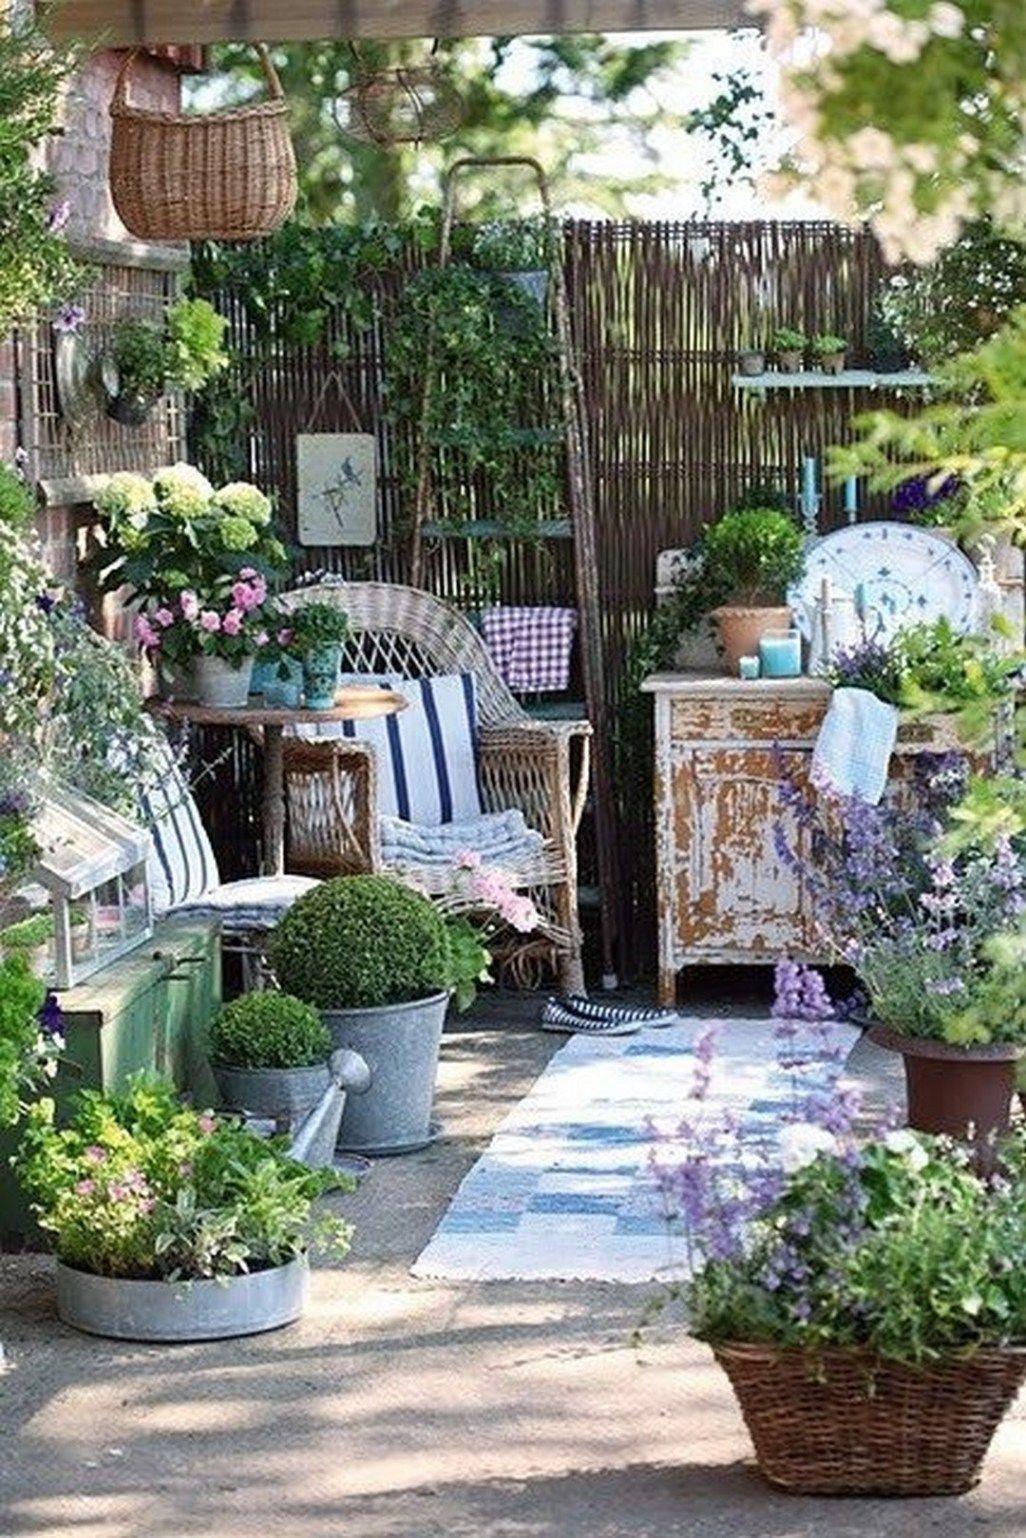 Best DIY Cottage Garden Ideas From Pinterest (28 ...